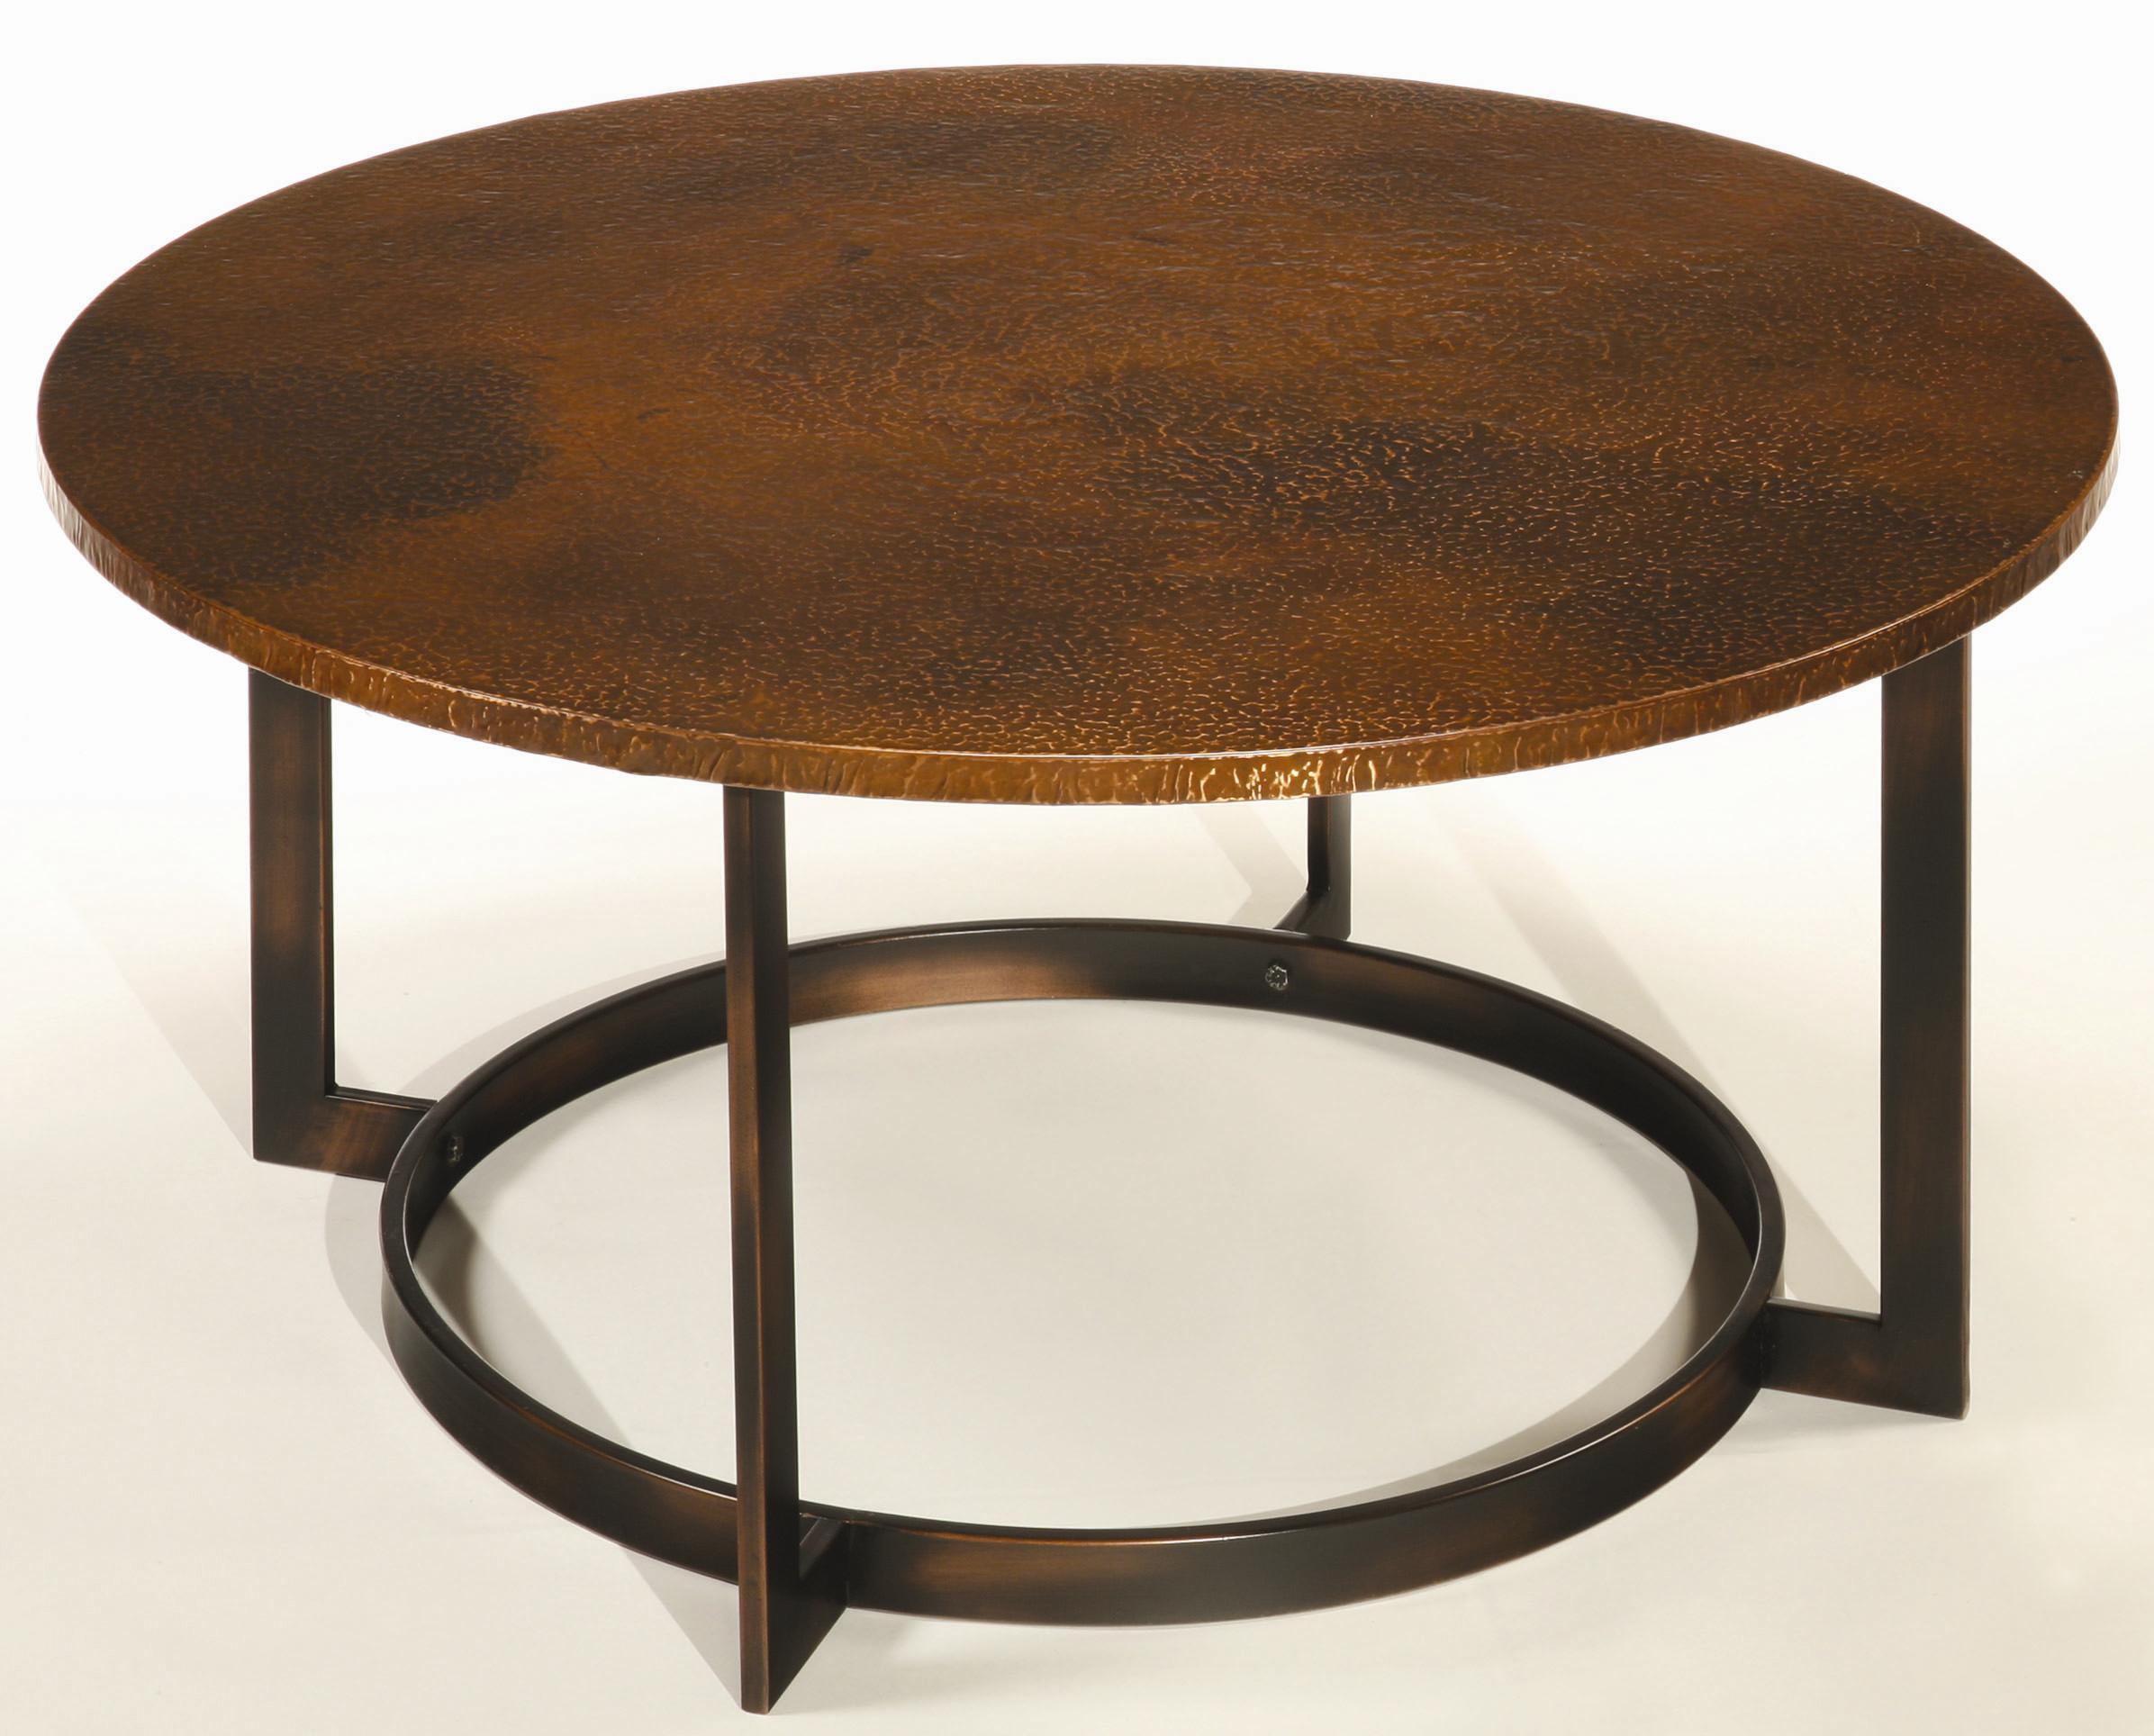 Nueva Coffee Table Top W/ Copper Top